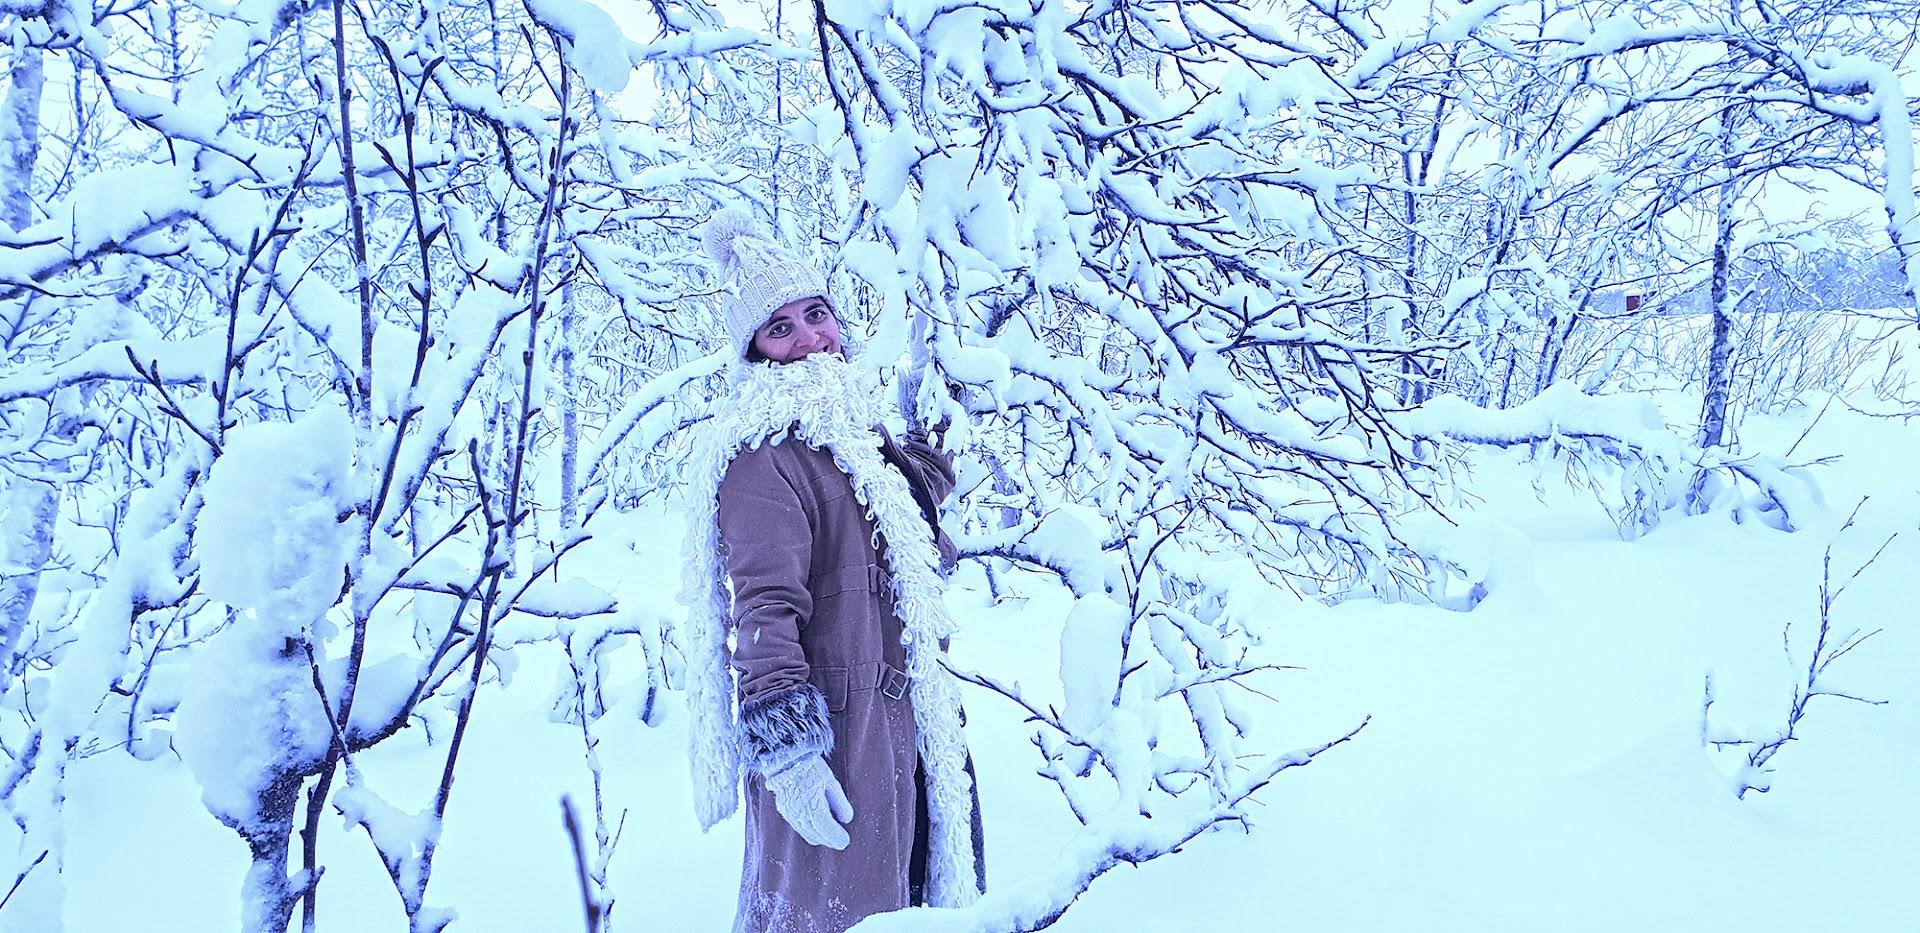 Visitar a LAPÓNIA SUECA | Roteiro e dicas de viagem para visitar Kiruna e Abisko (com auroras boreais e hotel de gelo)